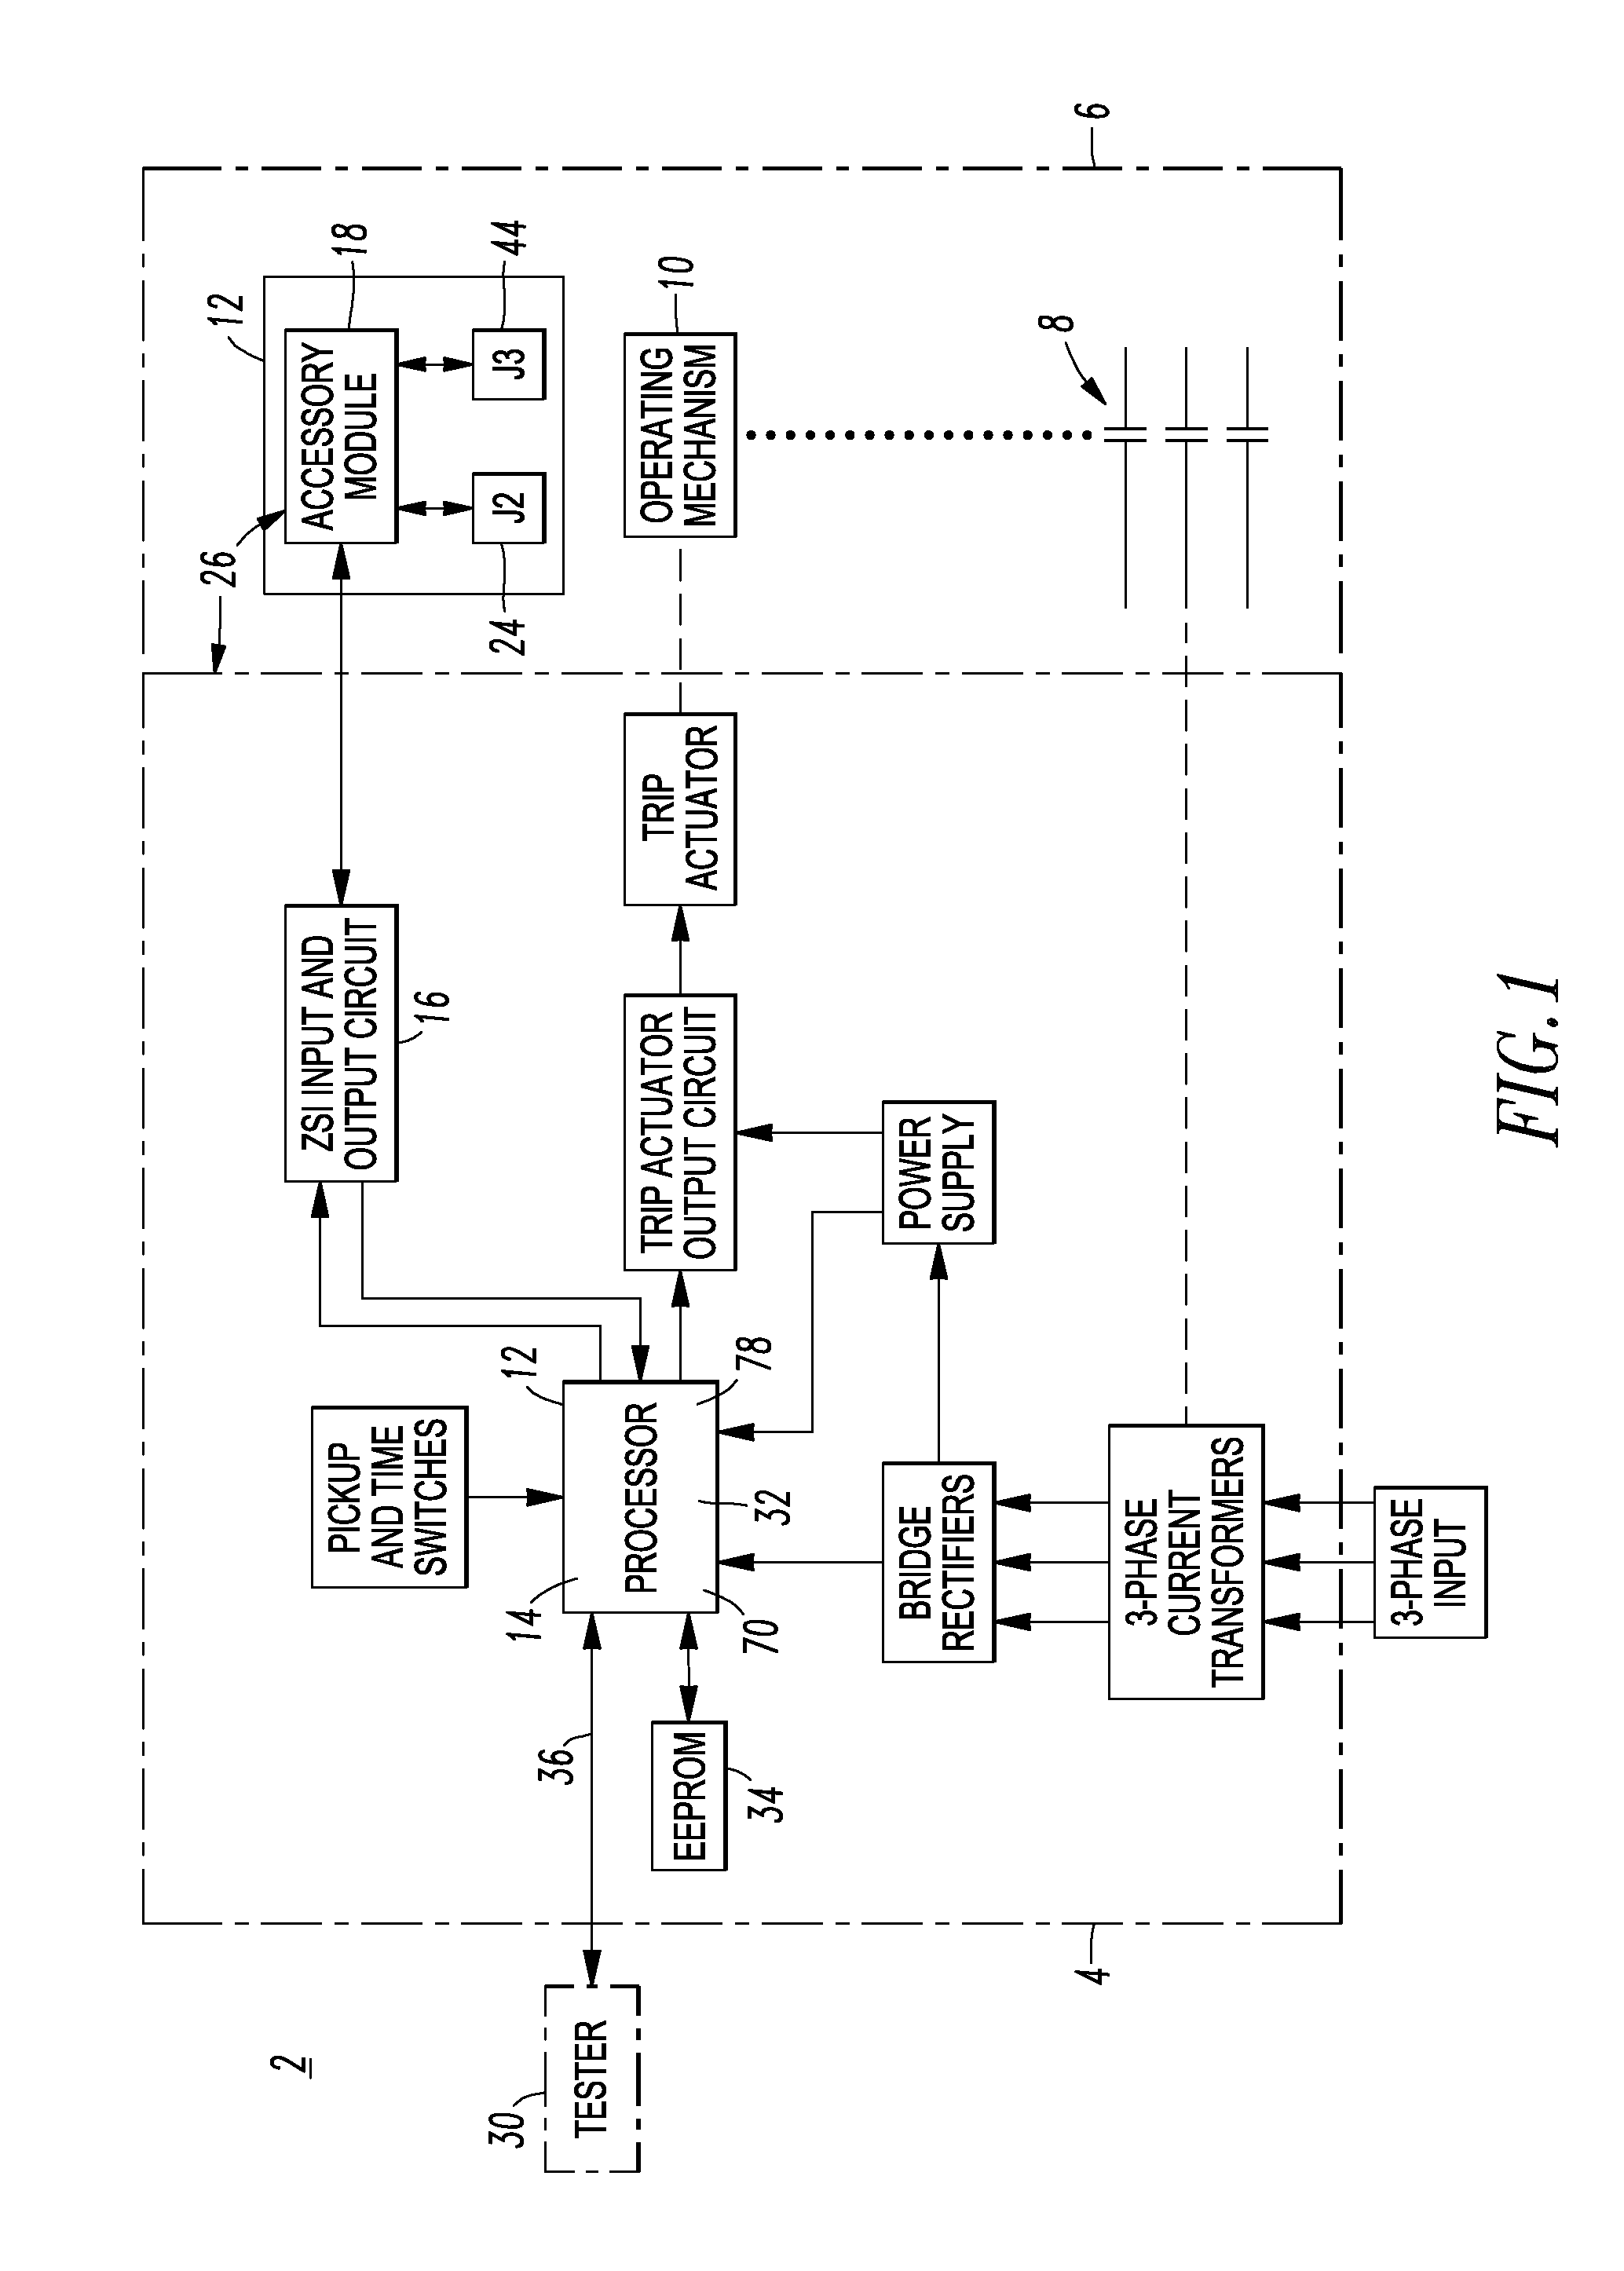 patent us8564923